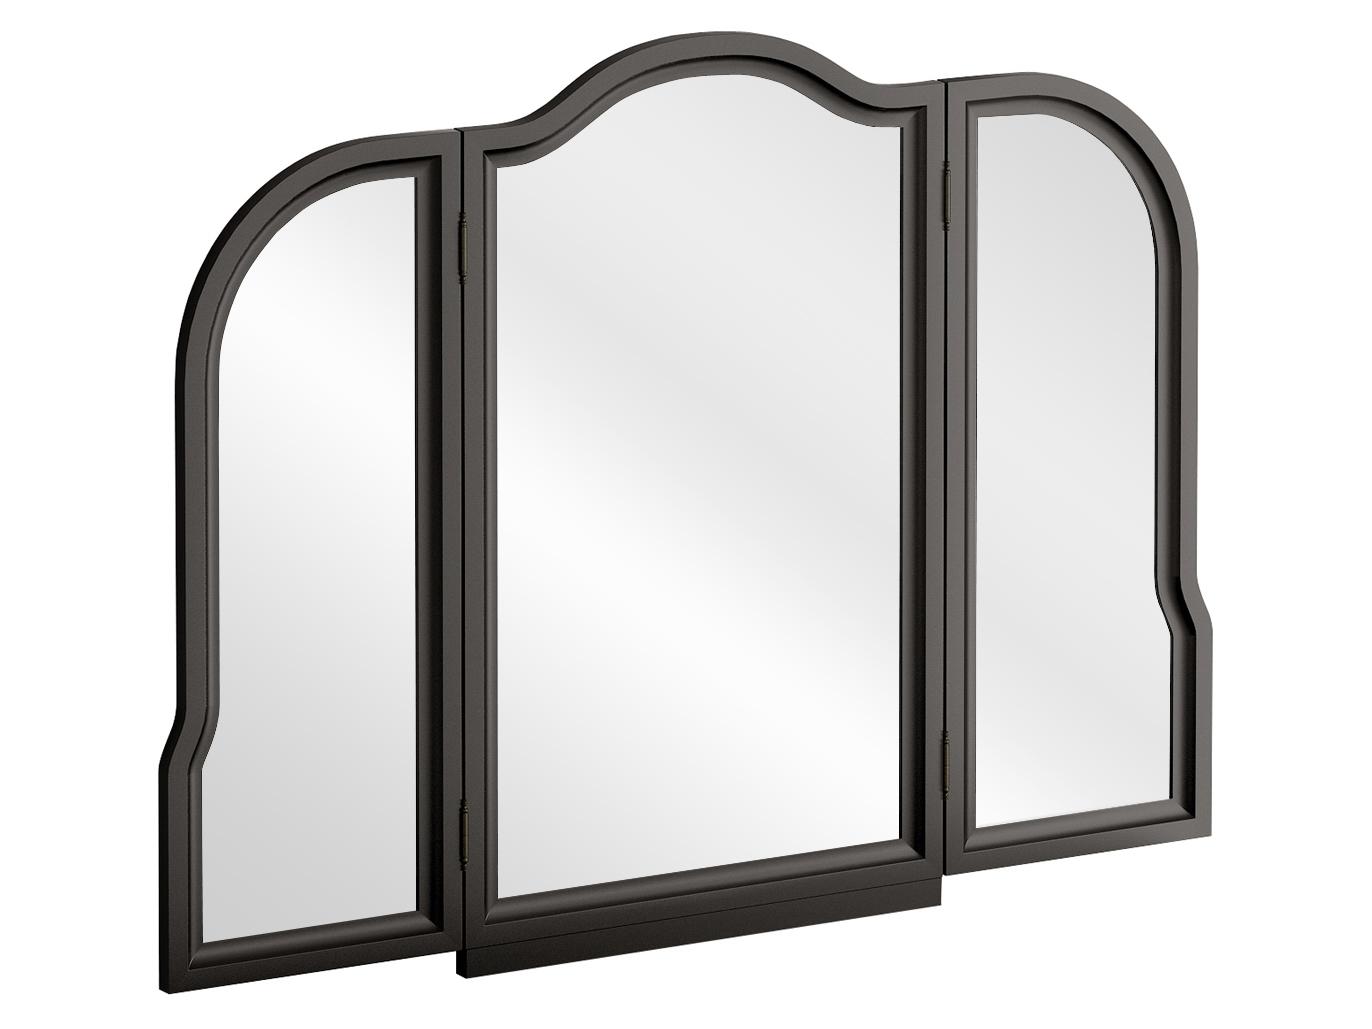 Трельяж BluesНастенные зеркала<br>&amp;lt;div&amp;gt;Трельяж Blues представляет собой настенное зеркало с двумя распашными створками. Зеркала фигурные, рамочно-филенчатой конструкции. Трельяж необходимо крепить к стене.&amp;lt;/div&amp;gt;&amp;lt;div&amp;gt;&amp;lt;br&amp;gt;&amp;lt;/div&amp;gt;&amp;lt;div&amp;gt;Материалы:&amp;lt;/div&amp;gt;&amp;lt;div&amp;gt;Корпус: МДФ, ЛДСП 25 мм и 6 мм, окрашенная в чёрный цвет&amp;lt;/div&amp;gt;<br><br>Material: МДФ<br>Ширина см: 128<br>Высота см: 97<br>Глубина см: 25